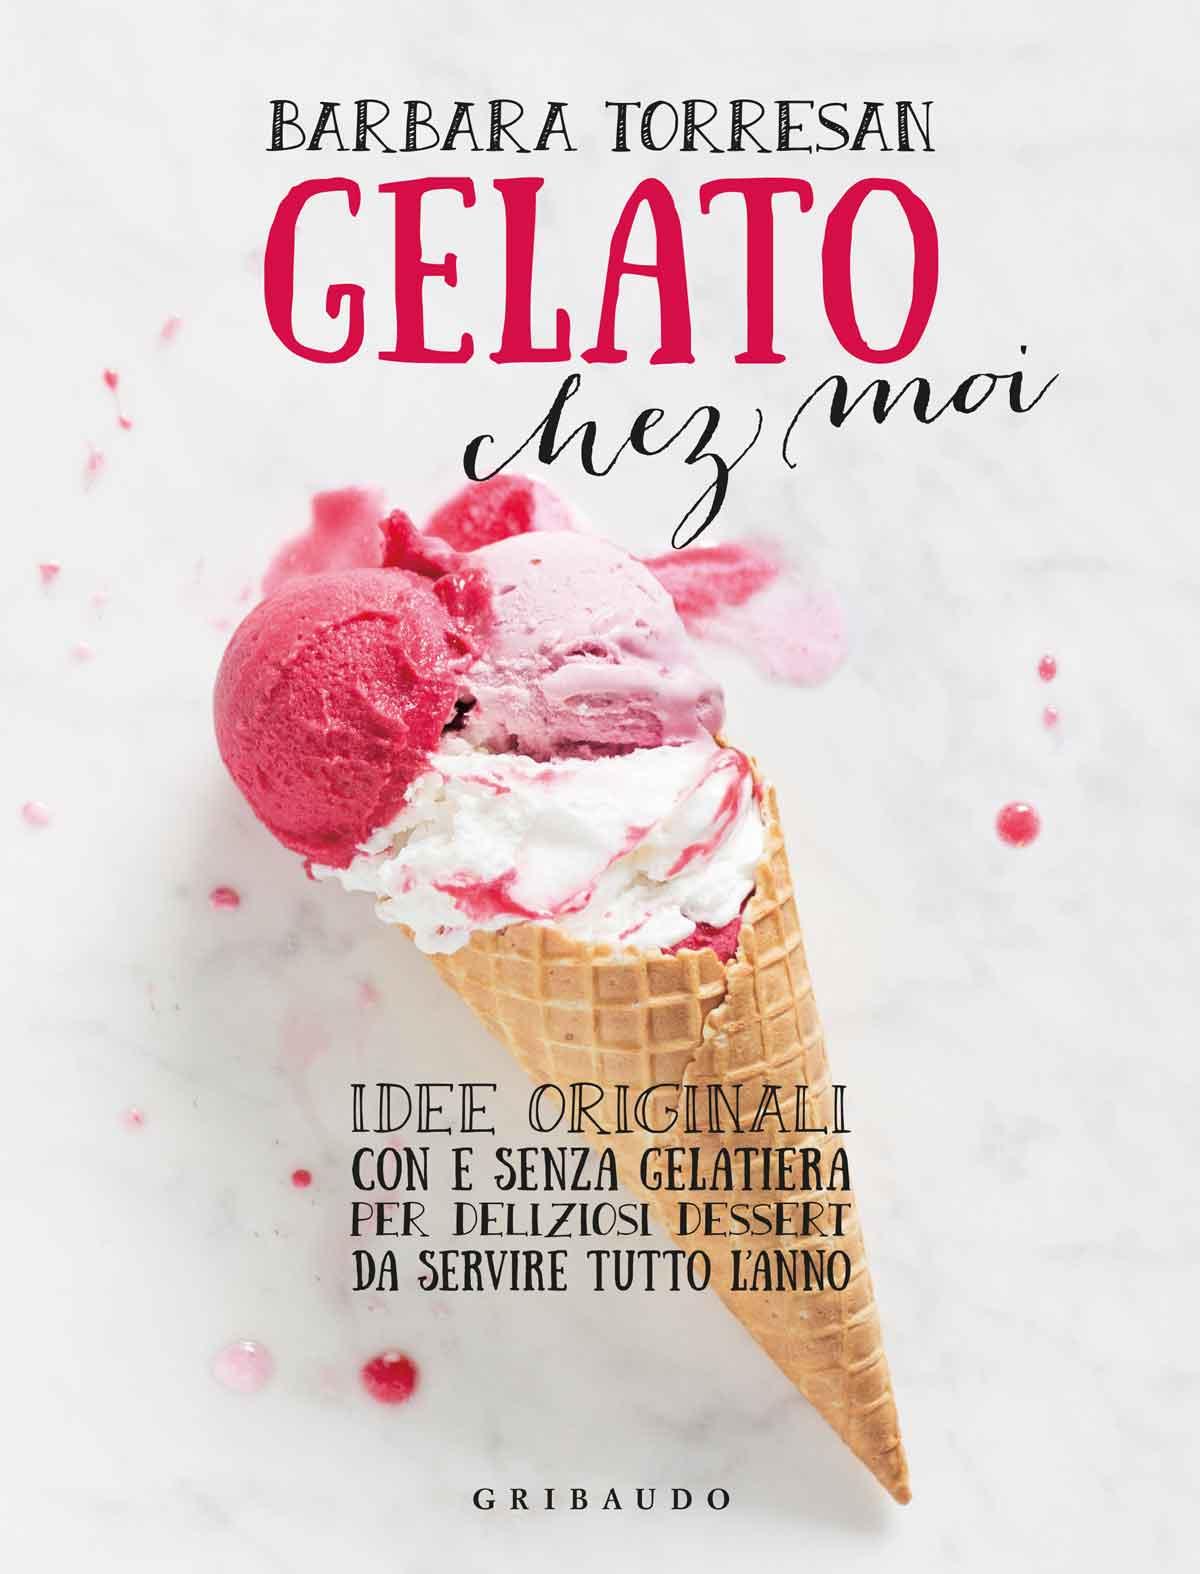 Eccezionale Barbara Torresan - Gelato chez moi - Libro Feltrinelli Editore  BV44